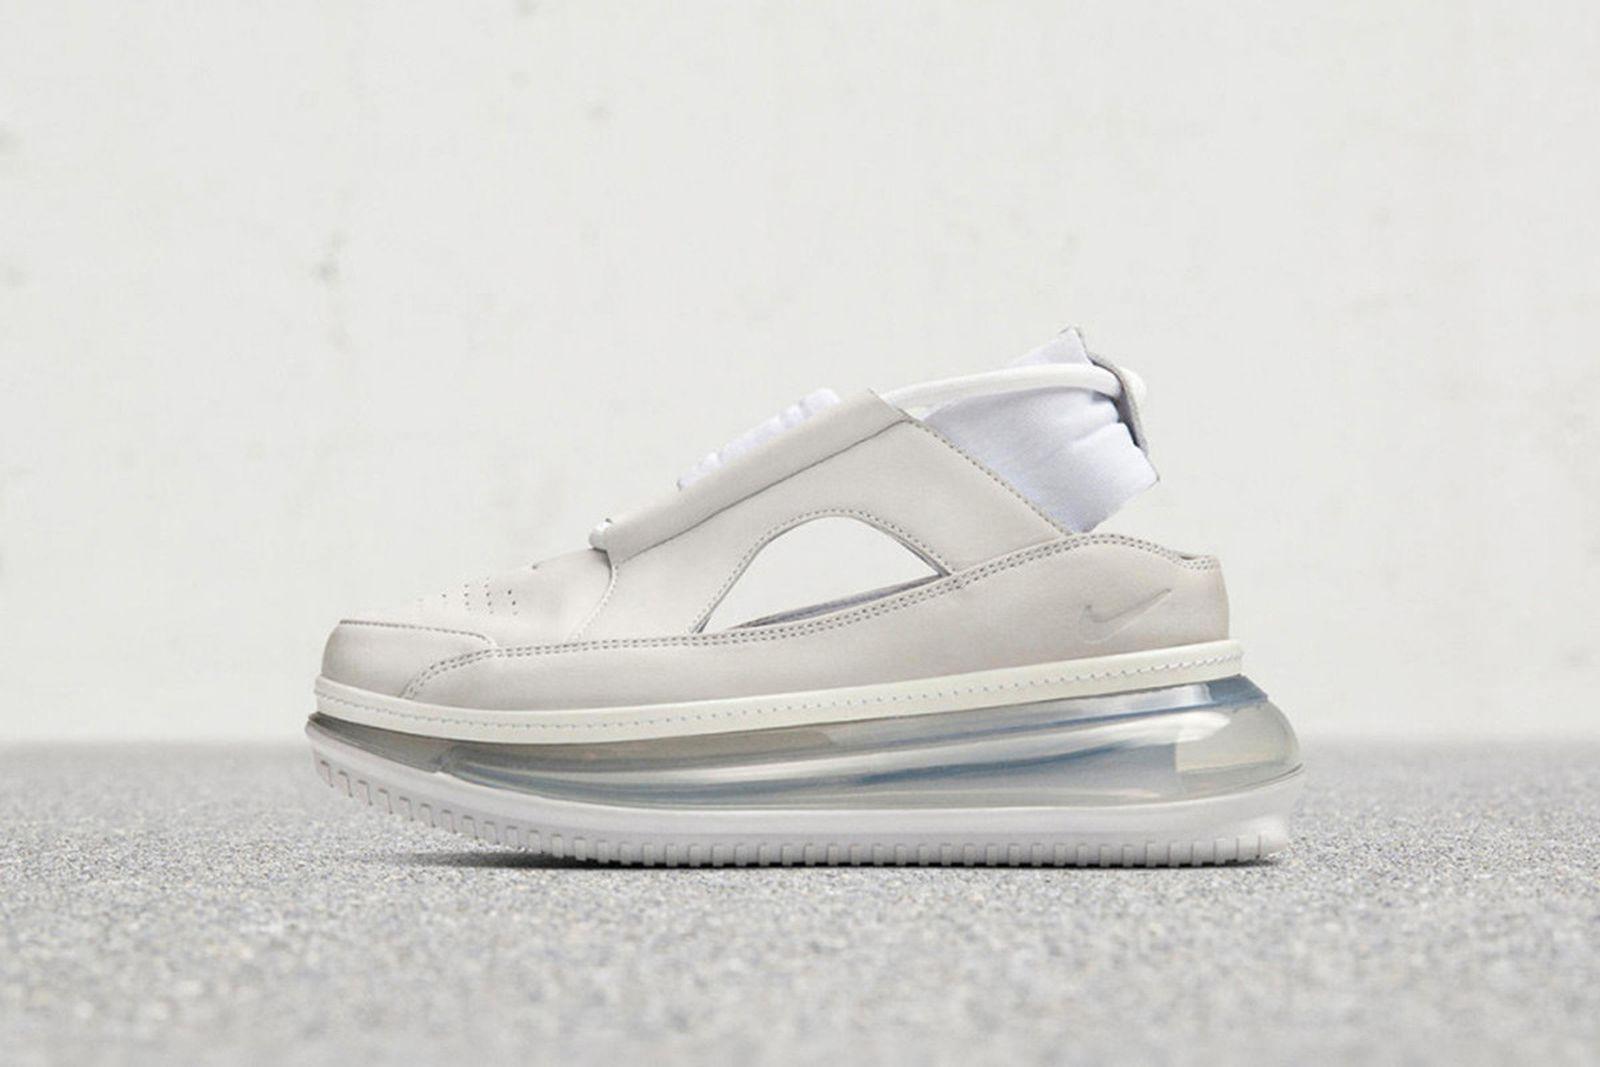 maison margiela tabi shoes best comments roundup Anti Social Social Club Louis Vuitton Margiela Tabis